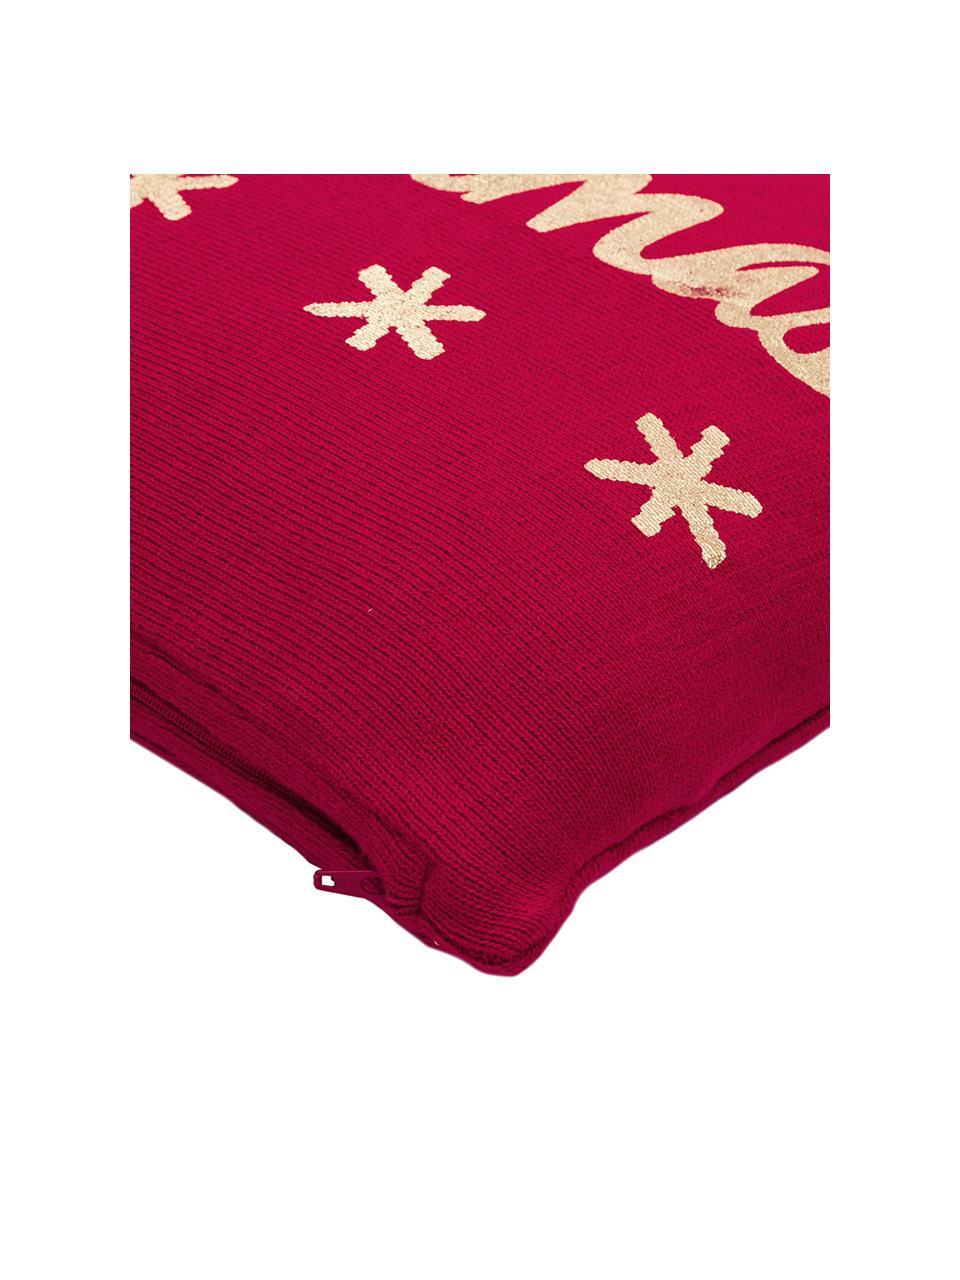 Housse de coussin 40x40 tricot Noël Christmas, Rouge, or